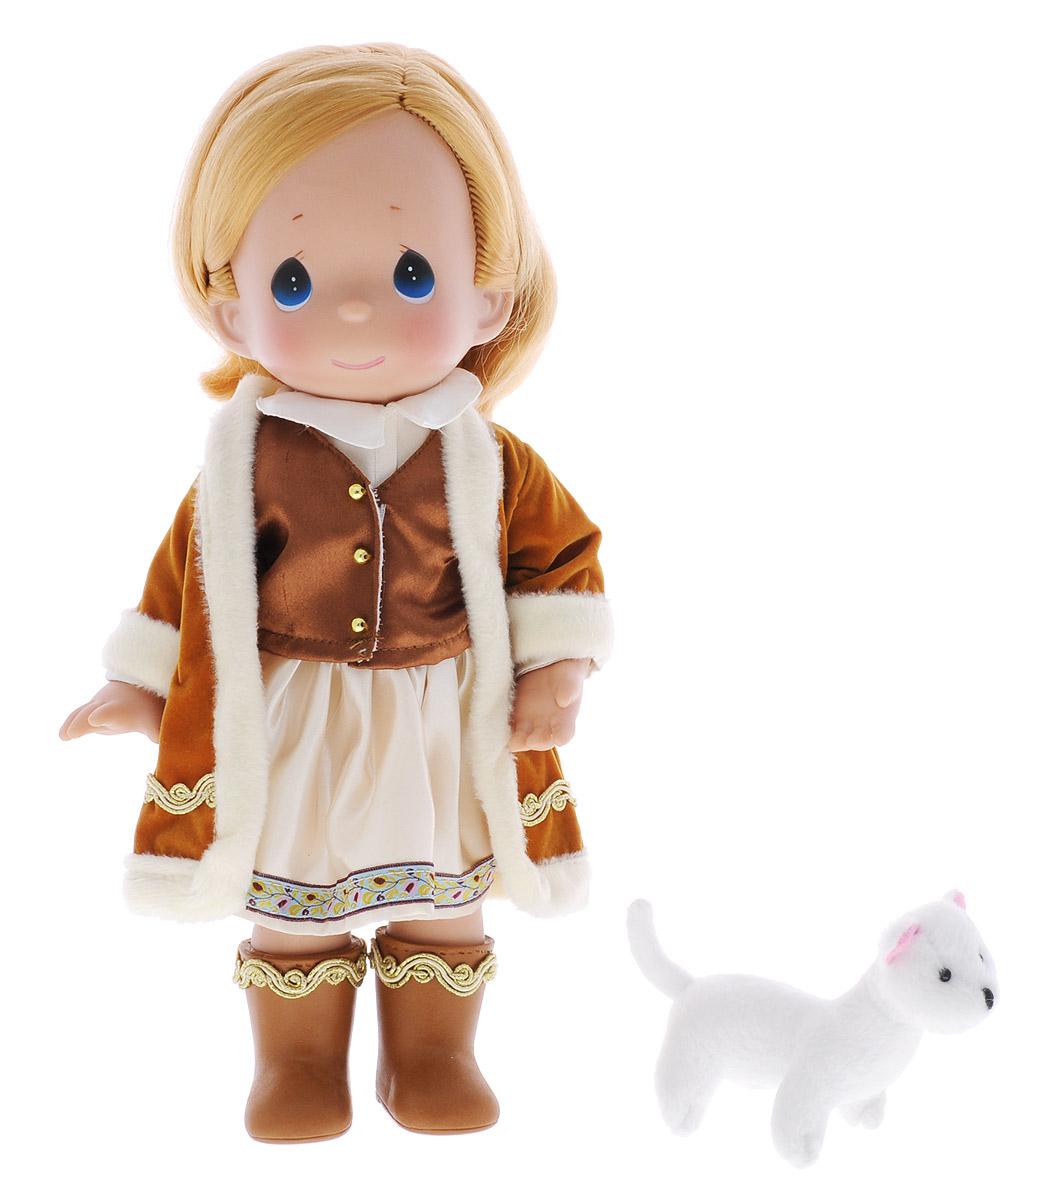 Precious Moments Кукла Герда8412Коллекция кукол Precious Moments ростом выше 30 см насчитывает на сегодняшний день более 600 видов. Куклы изготавливаются из качественного, безопасного материала и имеют пять базовых точек артикуляции. Каждый год в коллекцию добавляются все новые и новые модели. Каждая кукла имеет свой неповторимый образ и характер. Она может быть подарком на память о каком-либо событии в жизни. Куклы выполнены с любовью и нежностью, которую дарит нам известная волшебница - создатель кукол Линда Рик! Кукла Герда одета в теплую шубку, на ногах у нее - коричневые сапожки. Вся одежда у куклы съемная. У девочки русые волосы и большие глаза синего цвета. В руках кукла держит мягкую игрушку. Игра с куклой разовьет в вашей малышке чувство ответственности и заботы. Порадуйте свою принцессу таким великолепным подарком!